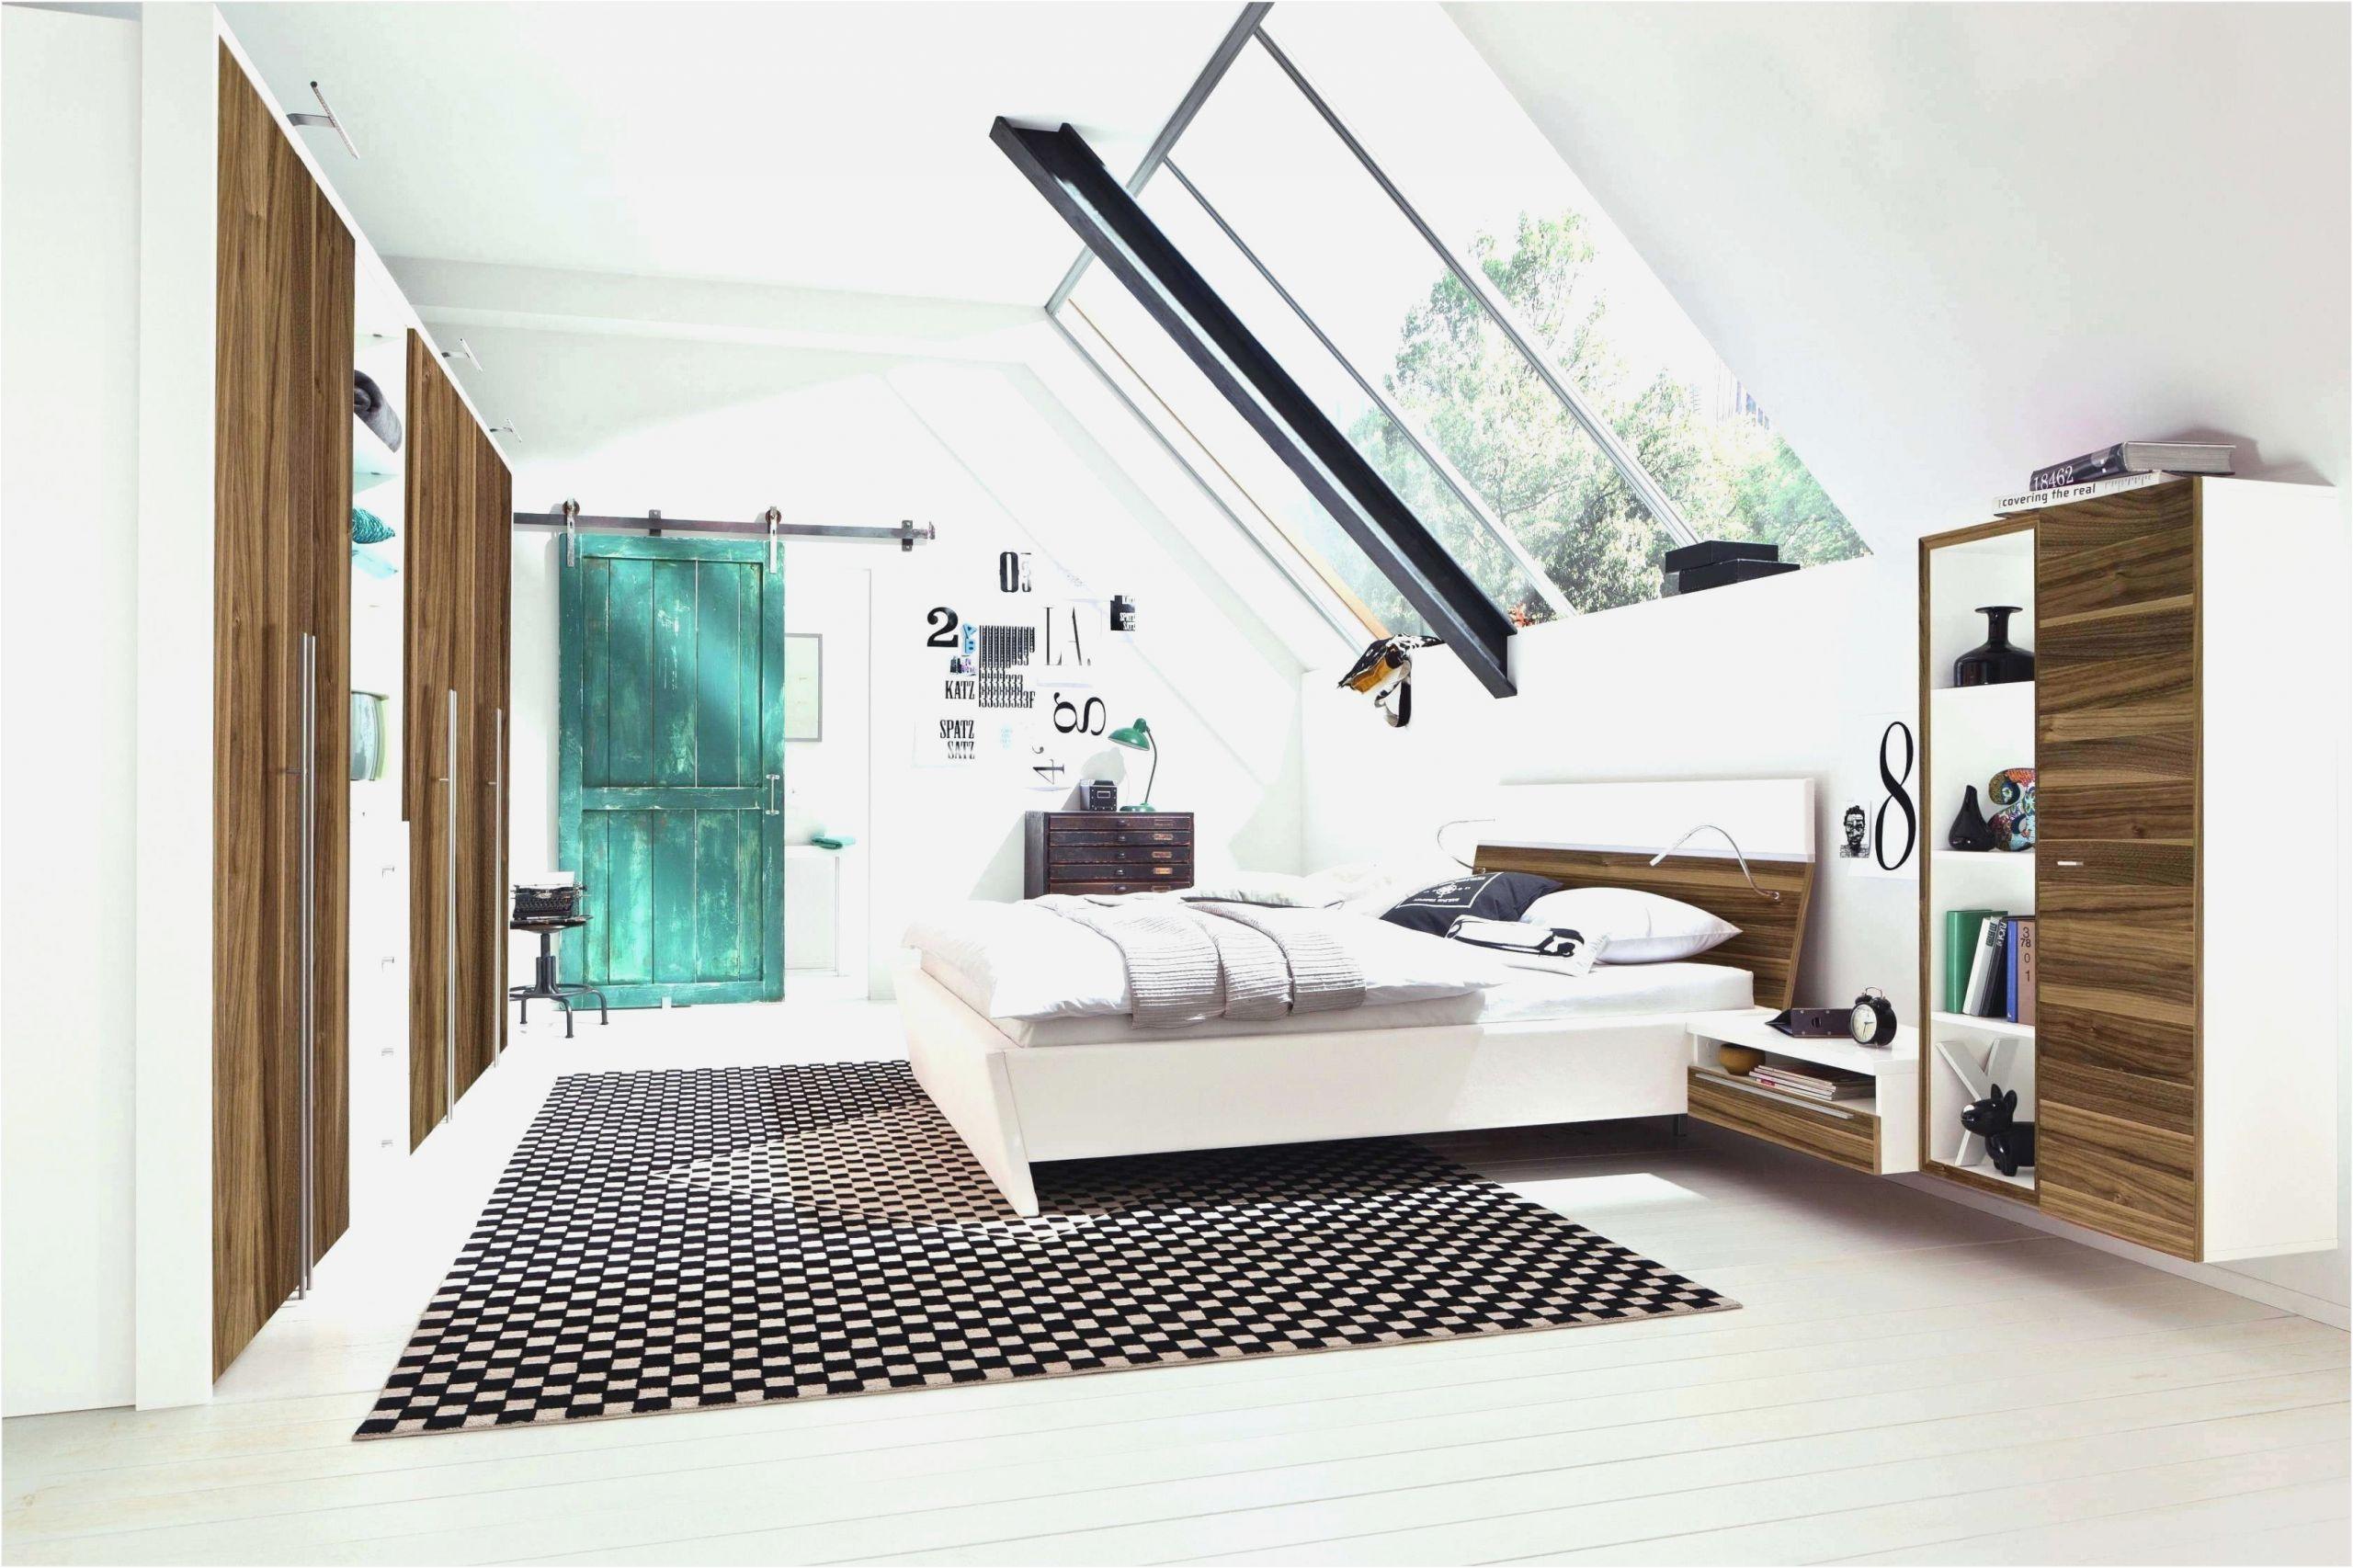 Schlafzimmer 7 Qm Einrichten Zimmer Einrichten Ideen Schlafzimmer Schlafzimmer